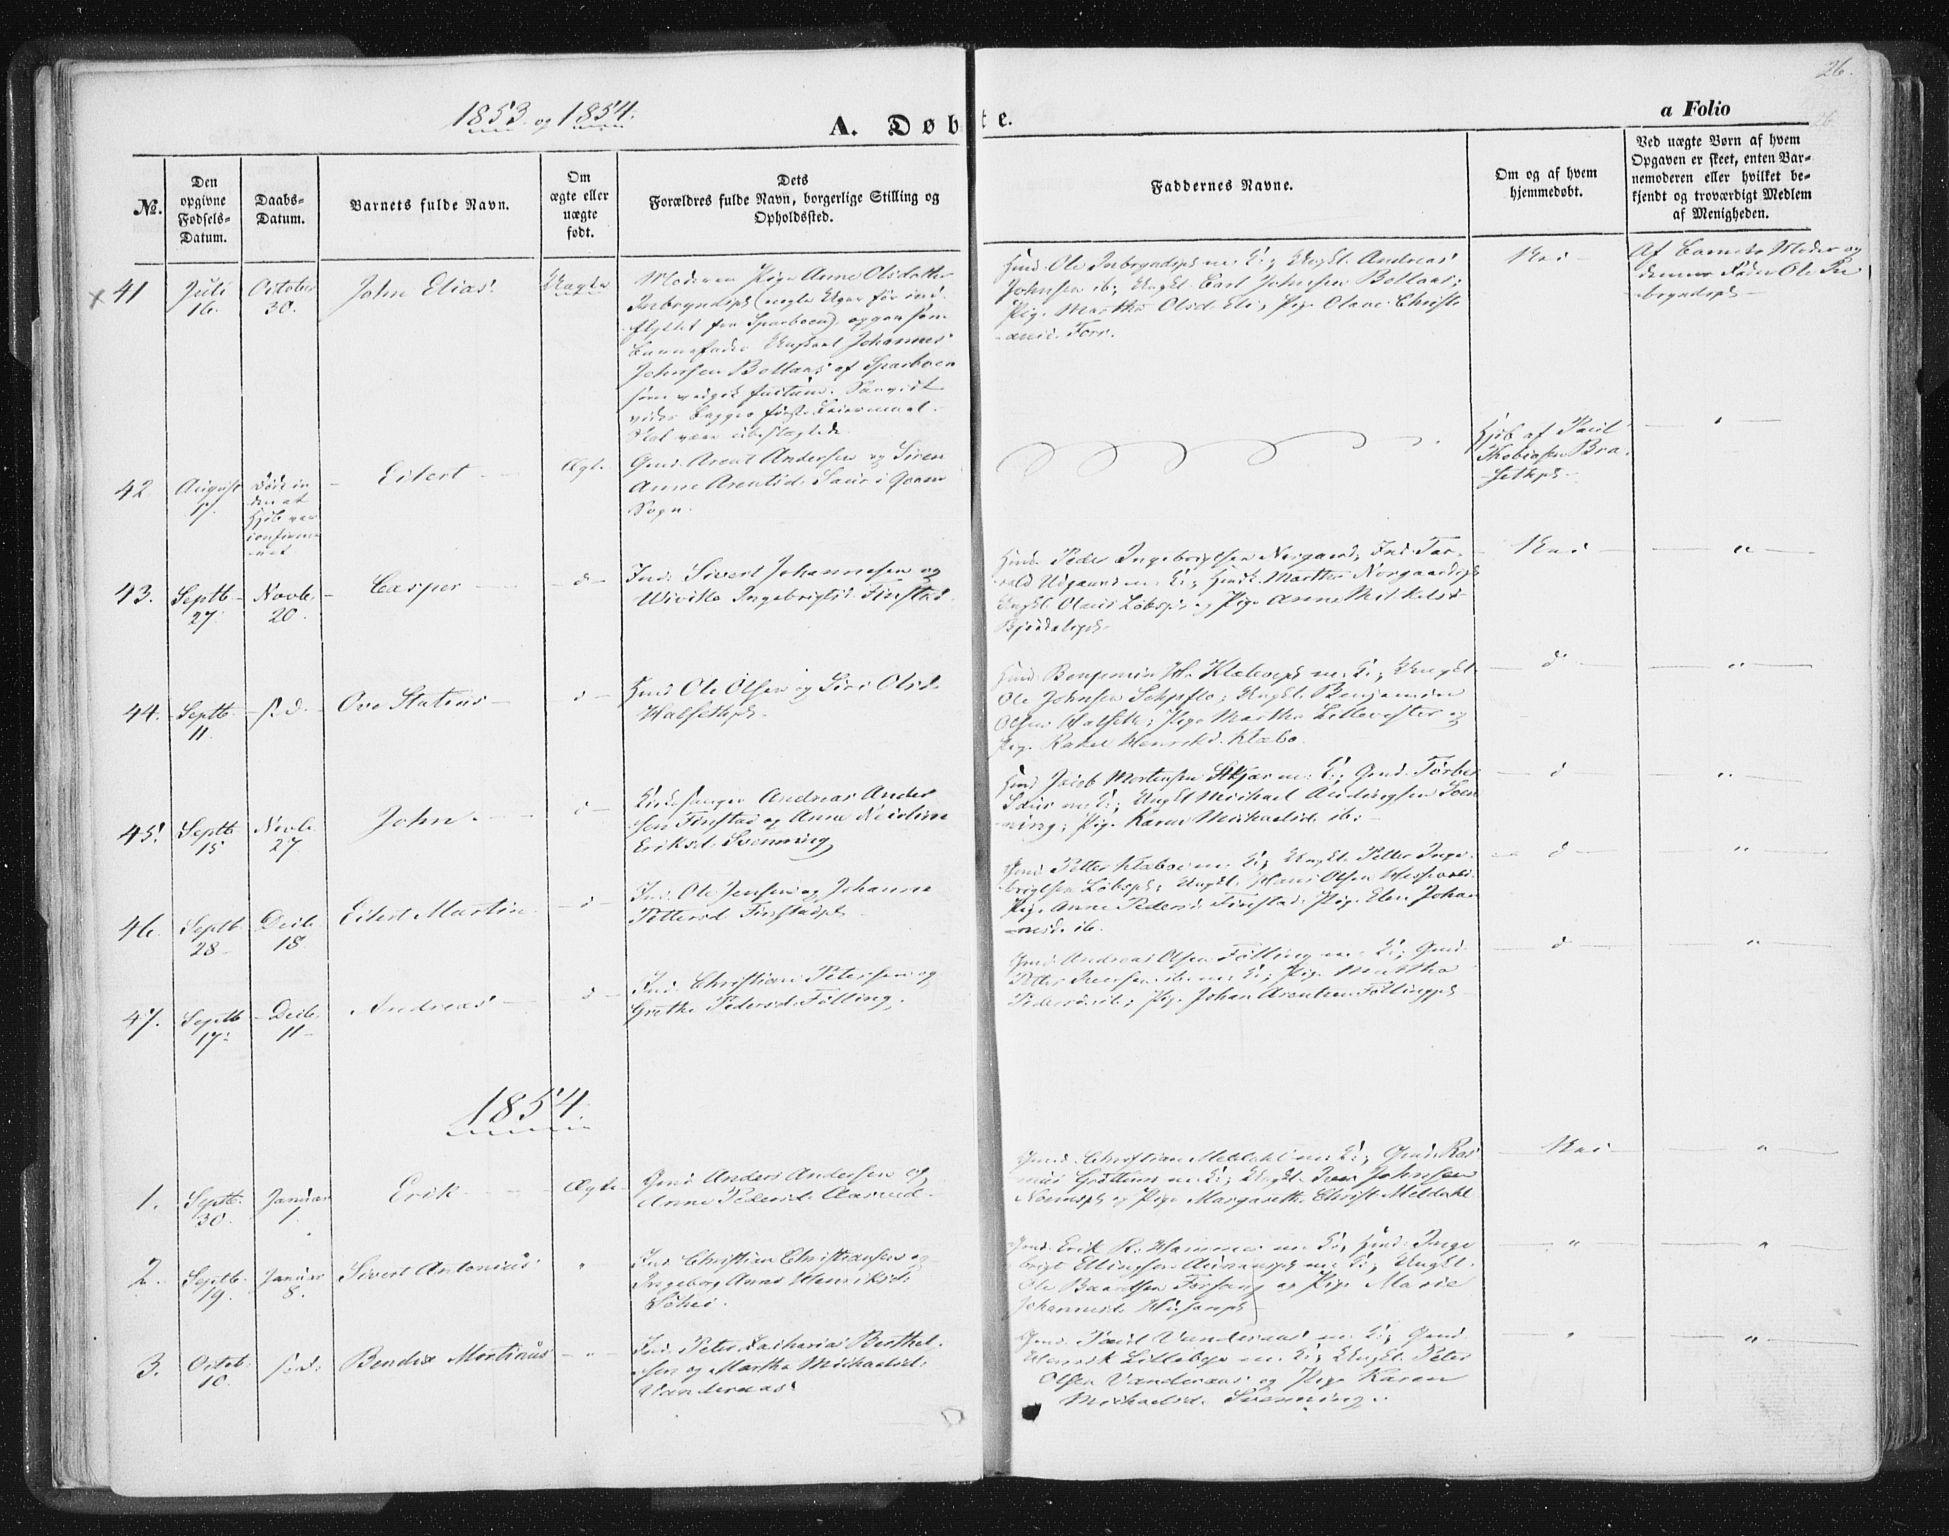 SAT, Ministerialprotokoller, klokkerbøker og fødselsregistre - Nord-Trøndelag, 746/L0446: Ministerialbok nr. 746A05, 1846-1859, s. 26